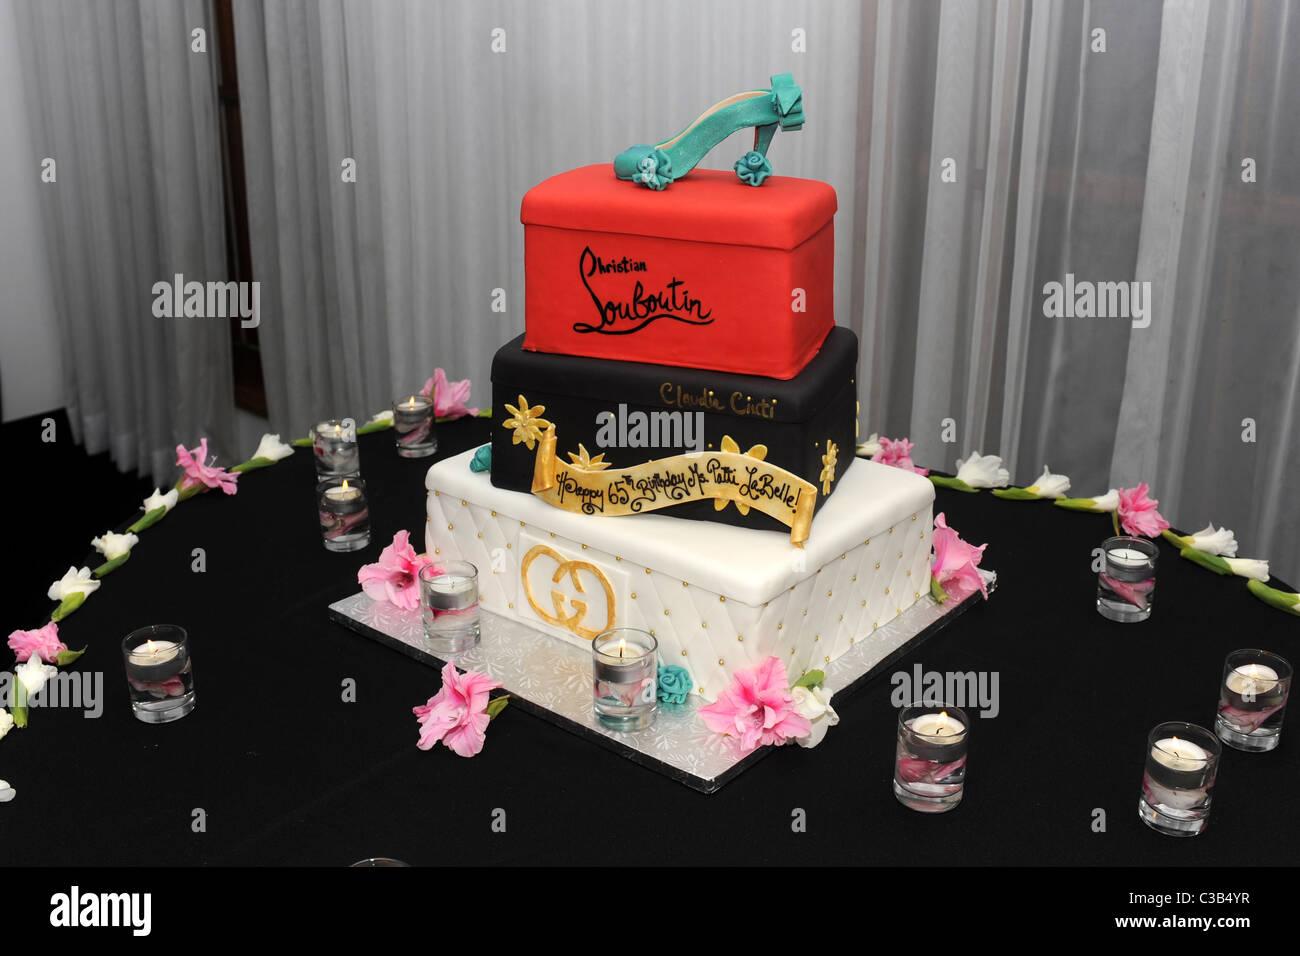 Christian Louboutin cake Patti LaBelle celebrates her 65th Birthday